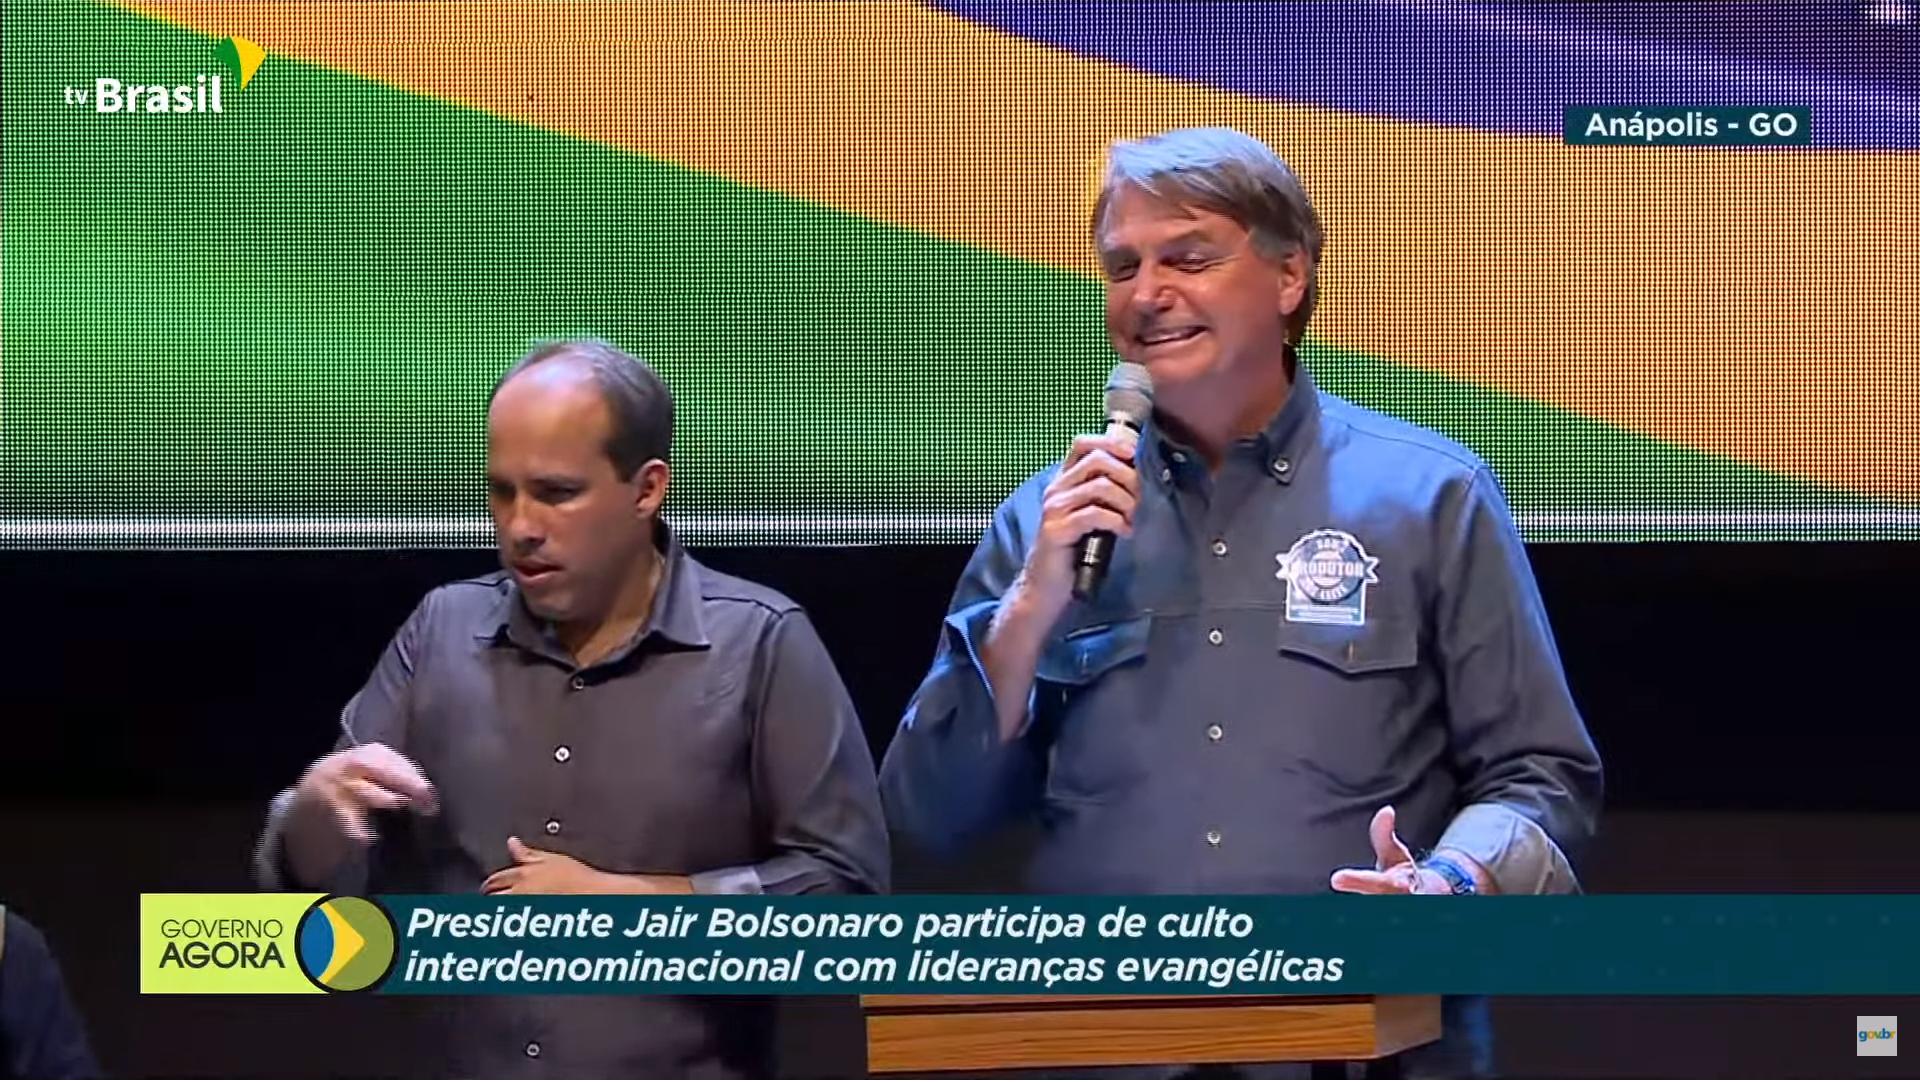 IMAGEM: 'Perdemos agora o Peru', diz Bolsonaro sobre eleição de esquerdista